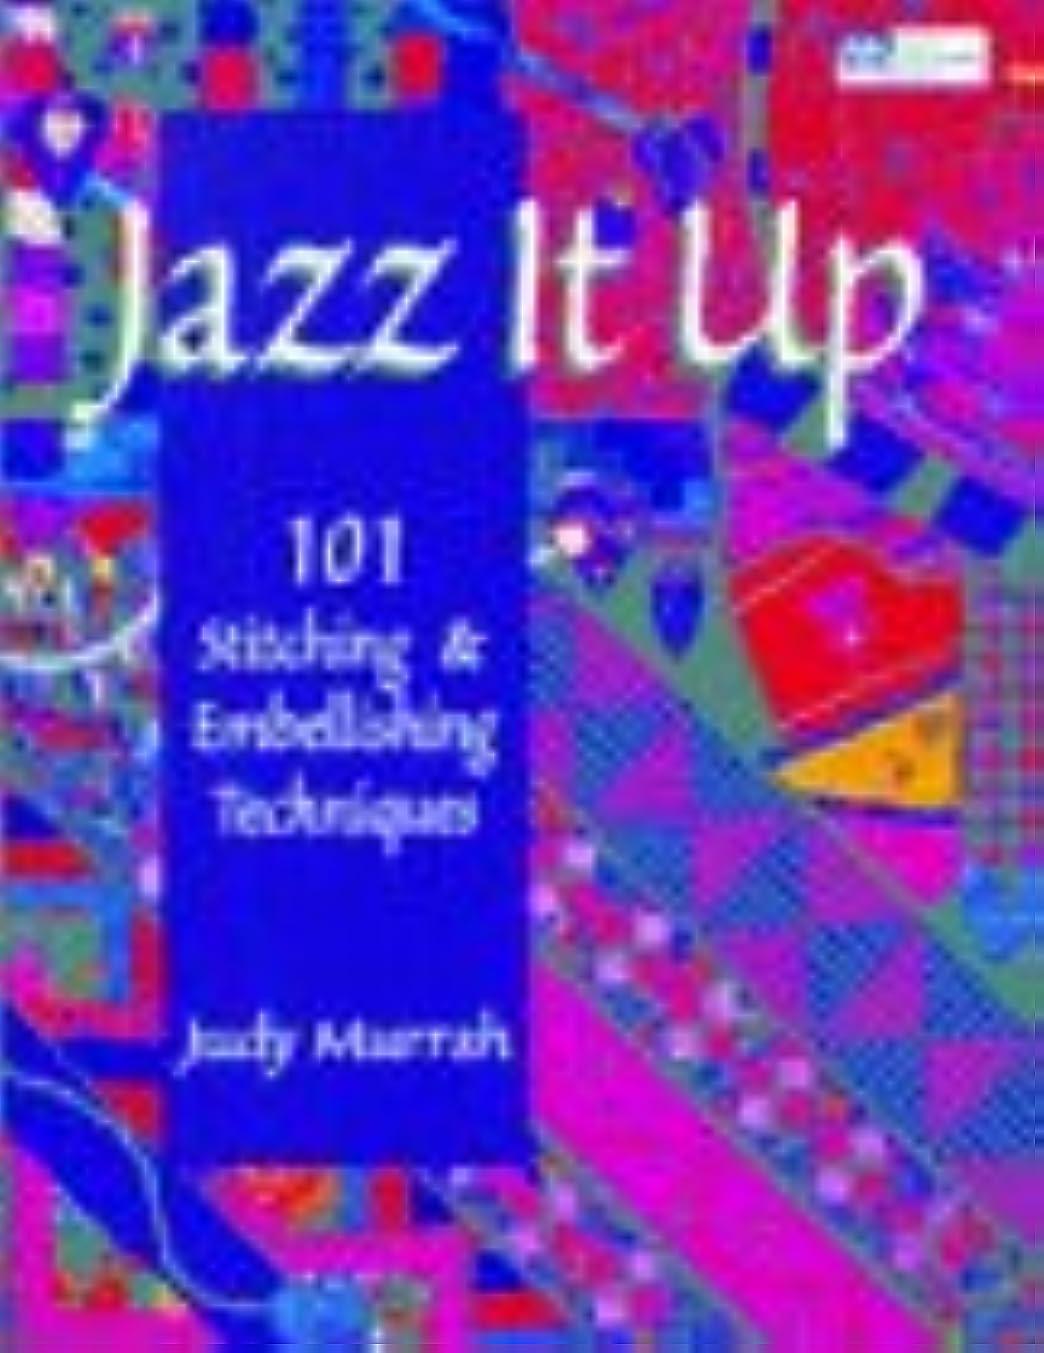 Jazz It Up!: 101 Stitching & Embellishing Techniques